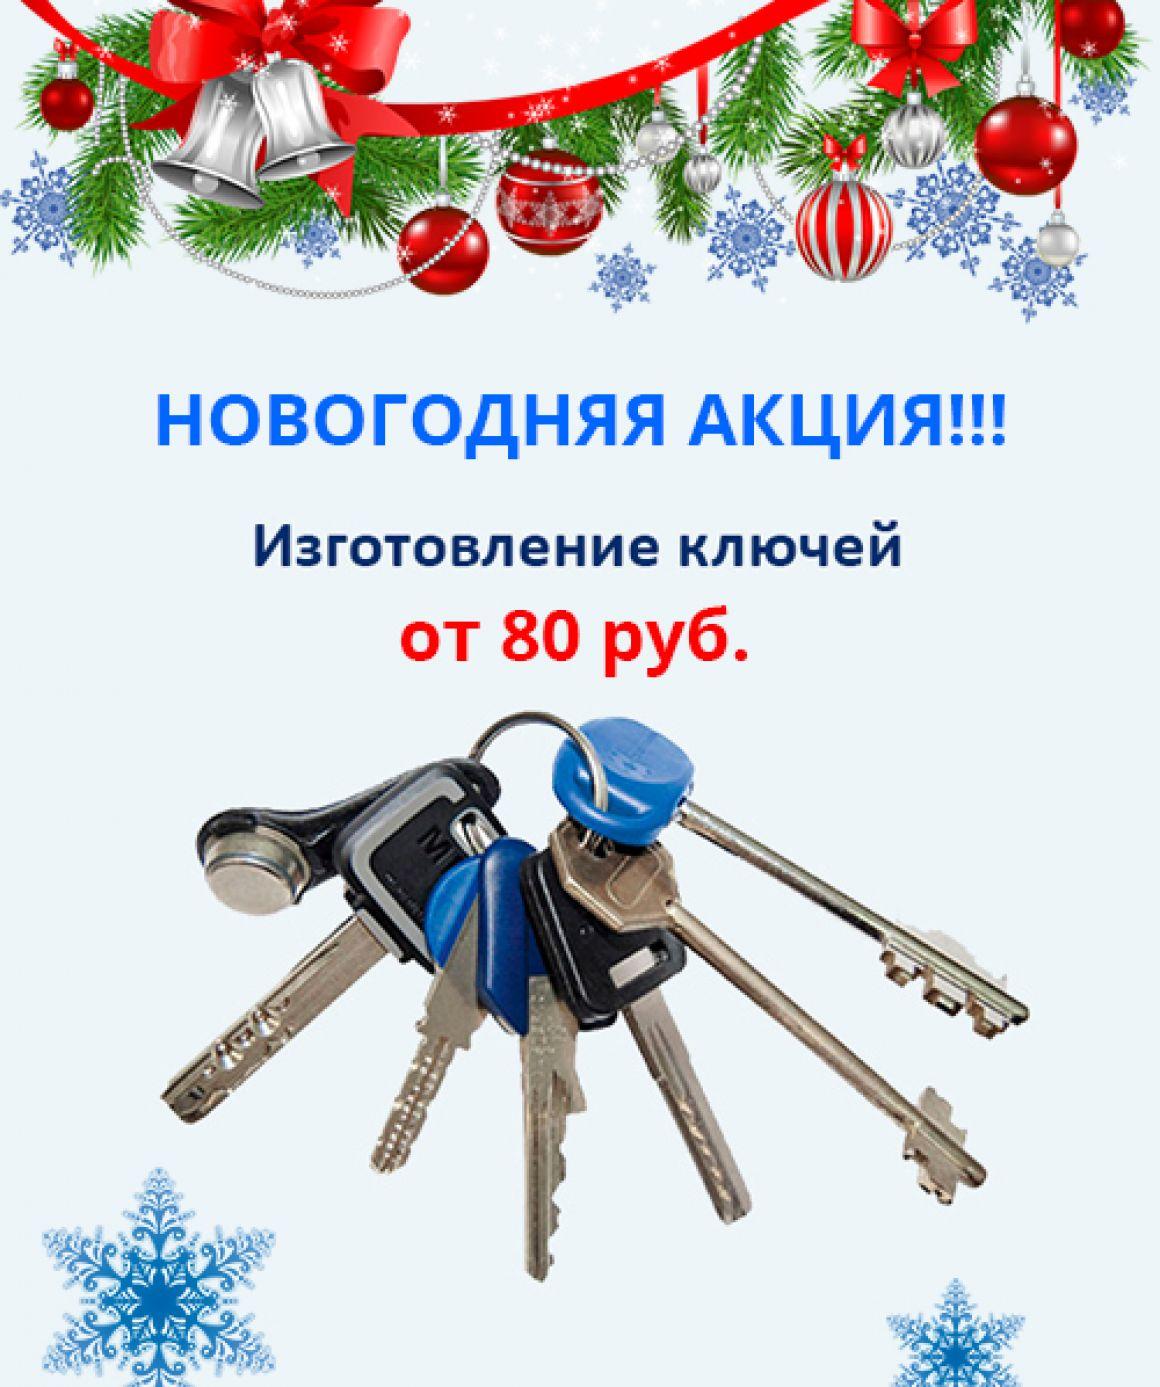 Изготовление ключей от 80 р.